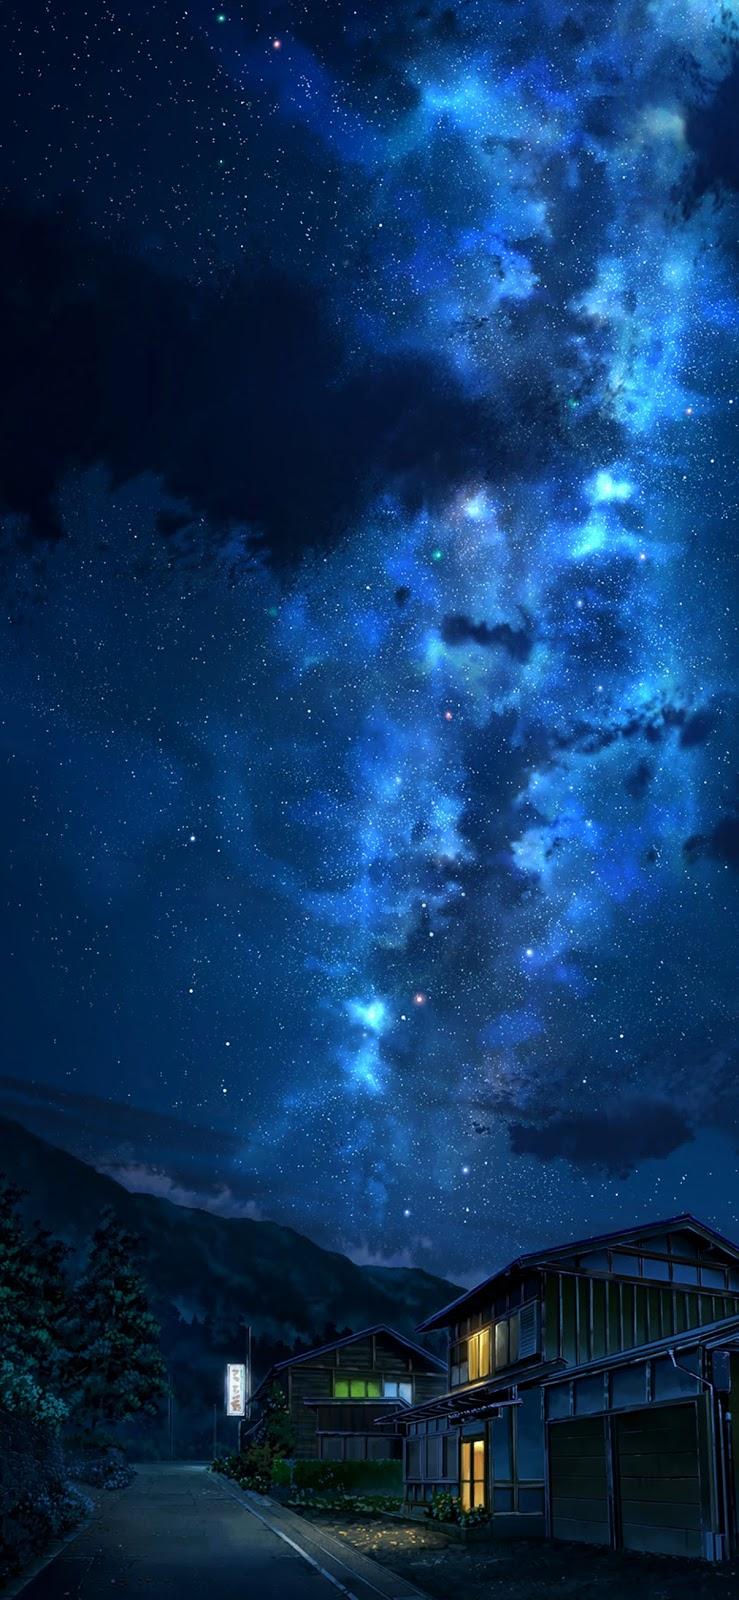 Hình nền bầu trời đêm đầy sao cho iPhone XSMAX